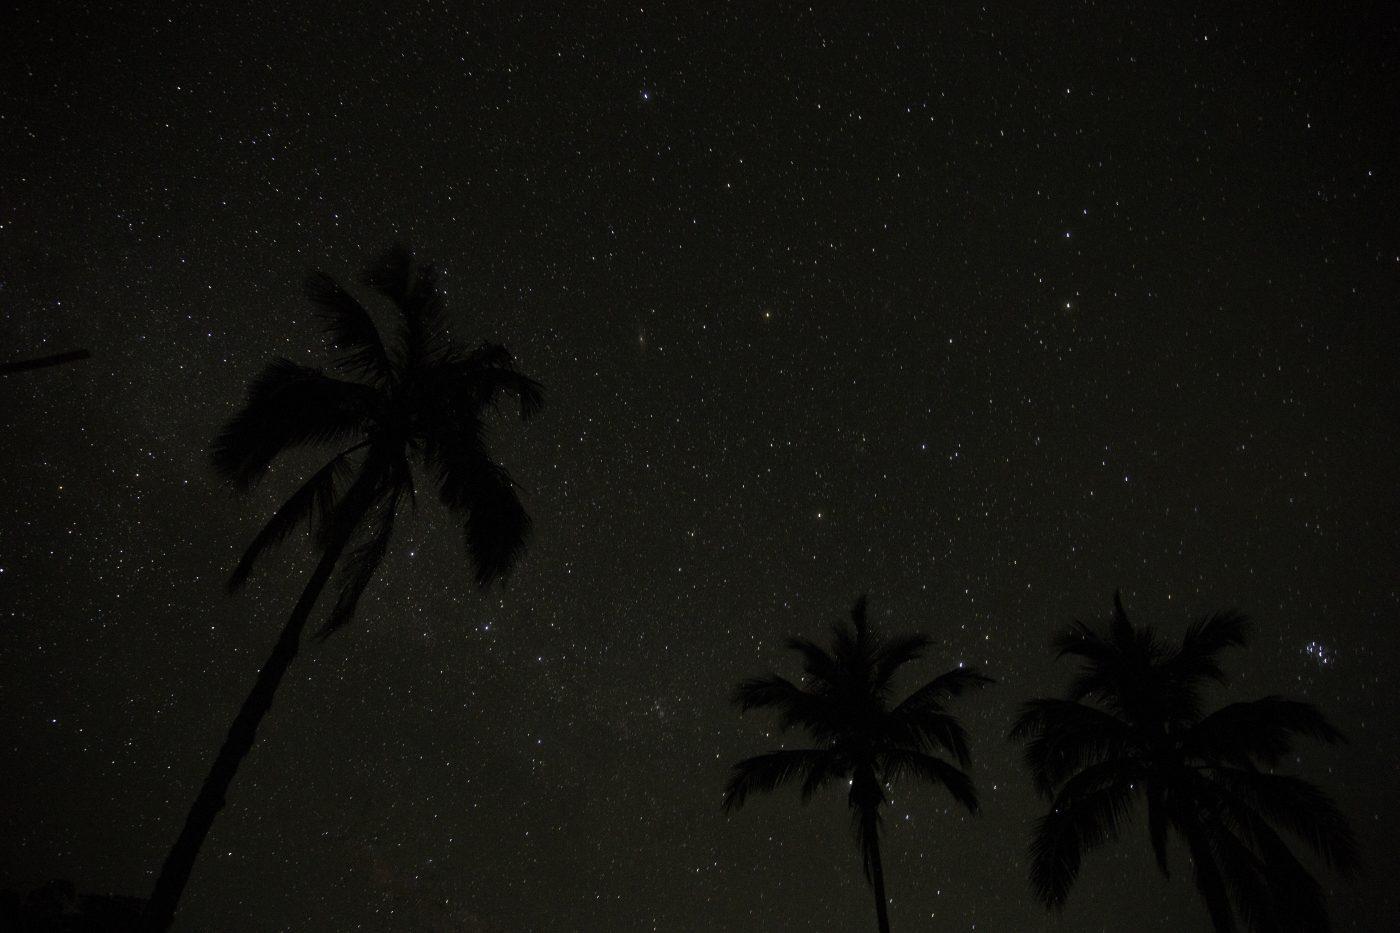 周囲が暗ければ暗いほど、素敵な星空が観察できます。